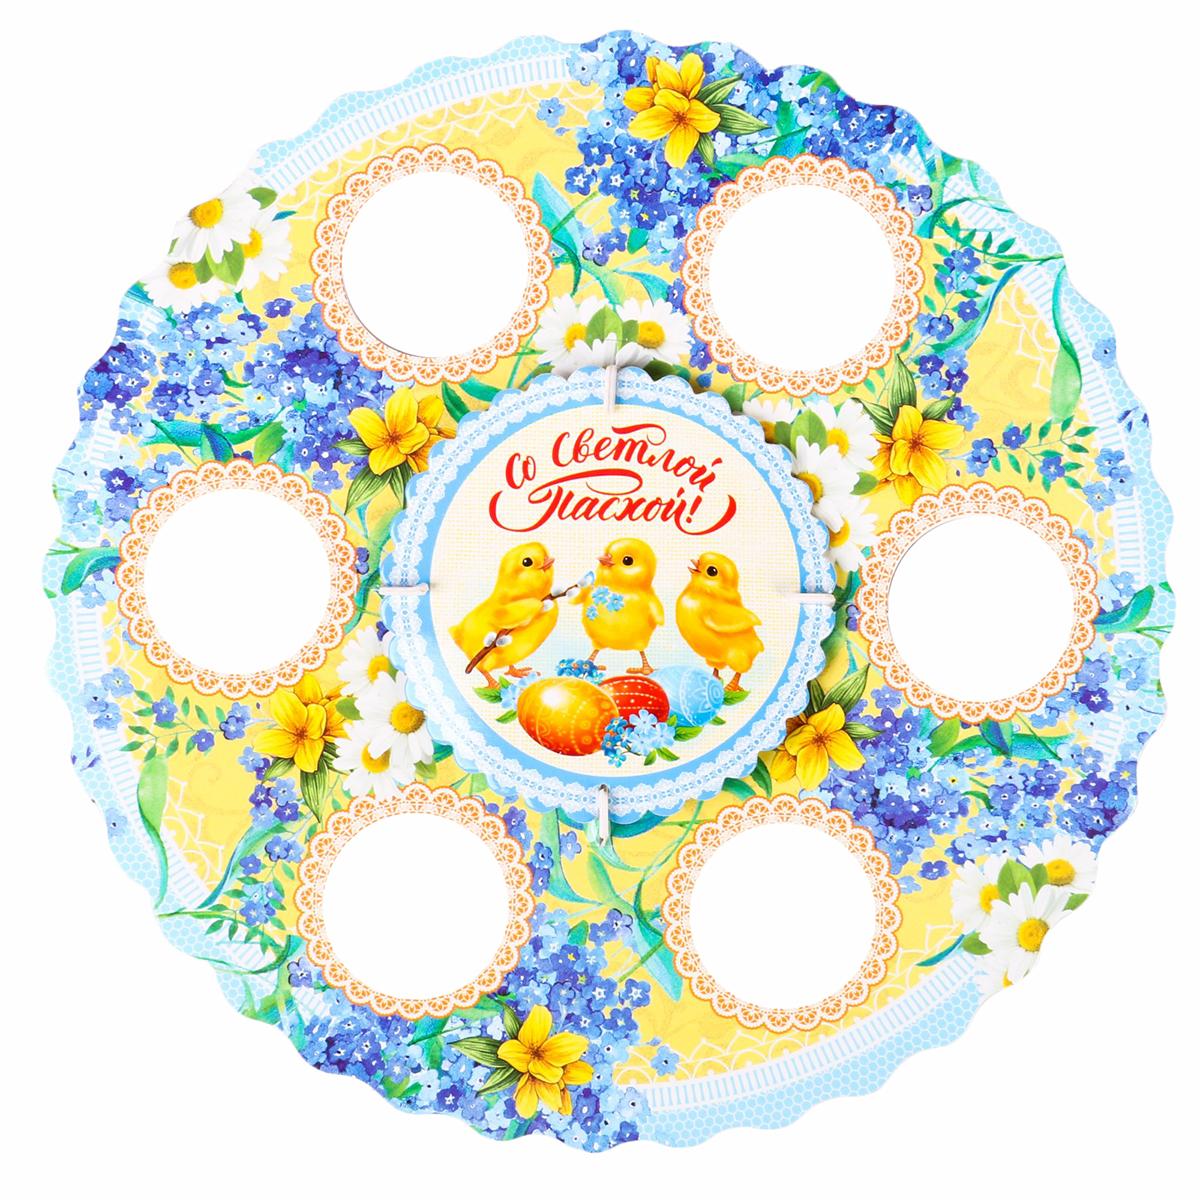 """От качества посуды зависит не только вкус еды, но и здоровье человека. Подставка пасхальная на 6 яиц """"Цыплята"""" — товар, соответствующий российским стандартам качества. Любой хозяйке будет приятно держать его в руках. С данной посудой и кухонной утварью приготовление еды и сервировка стола превратятся в настоящий праздник."""